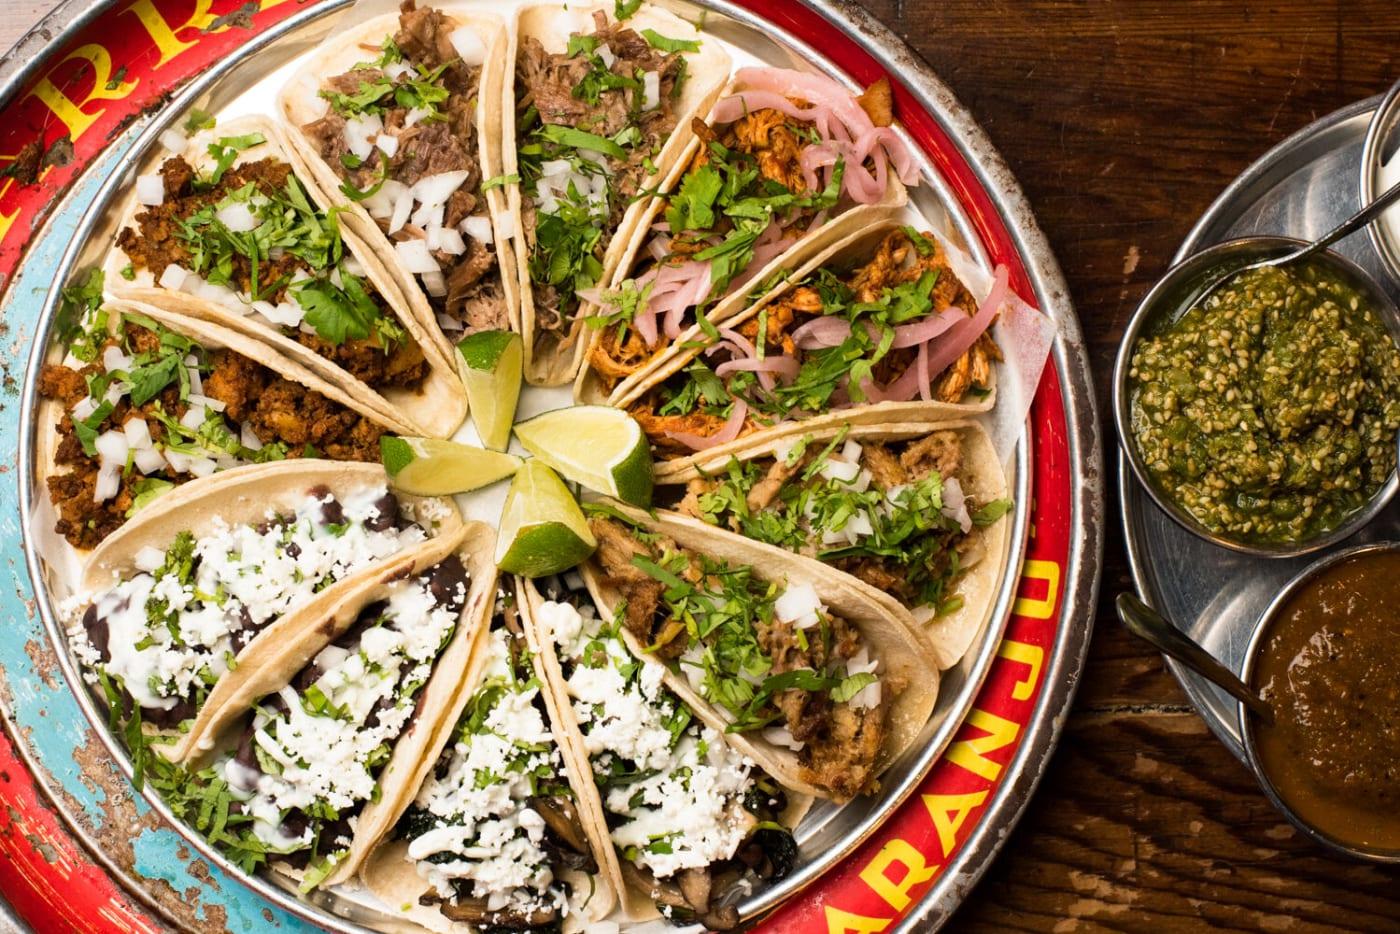 Native Tongues tacos